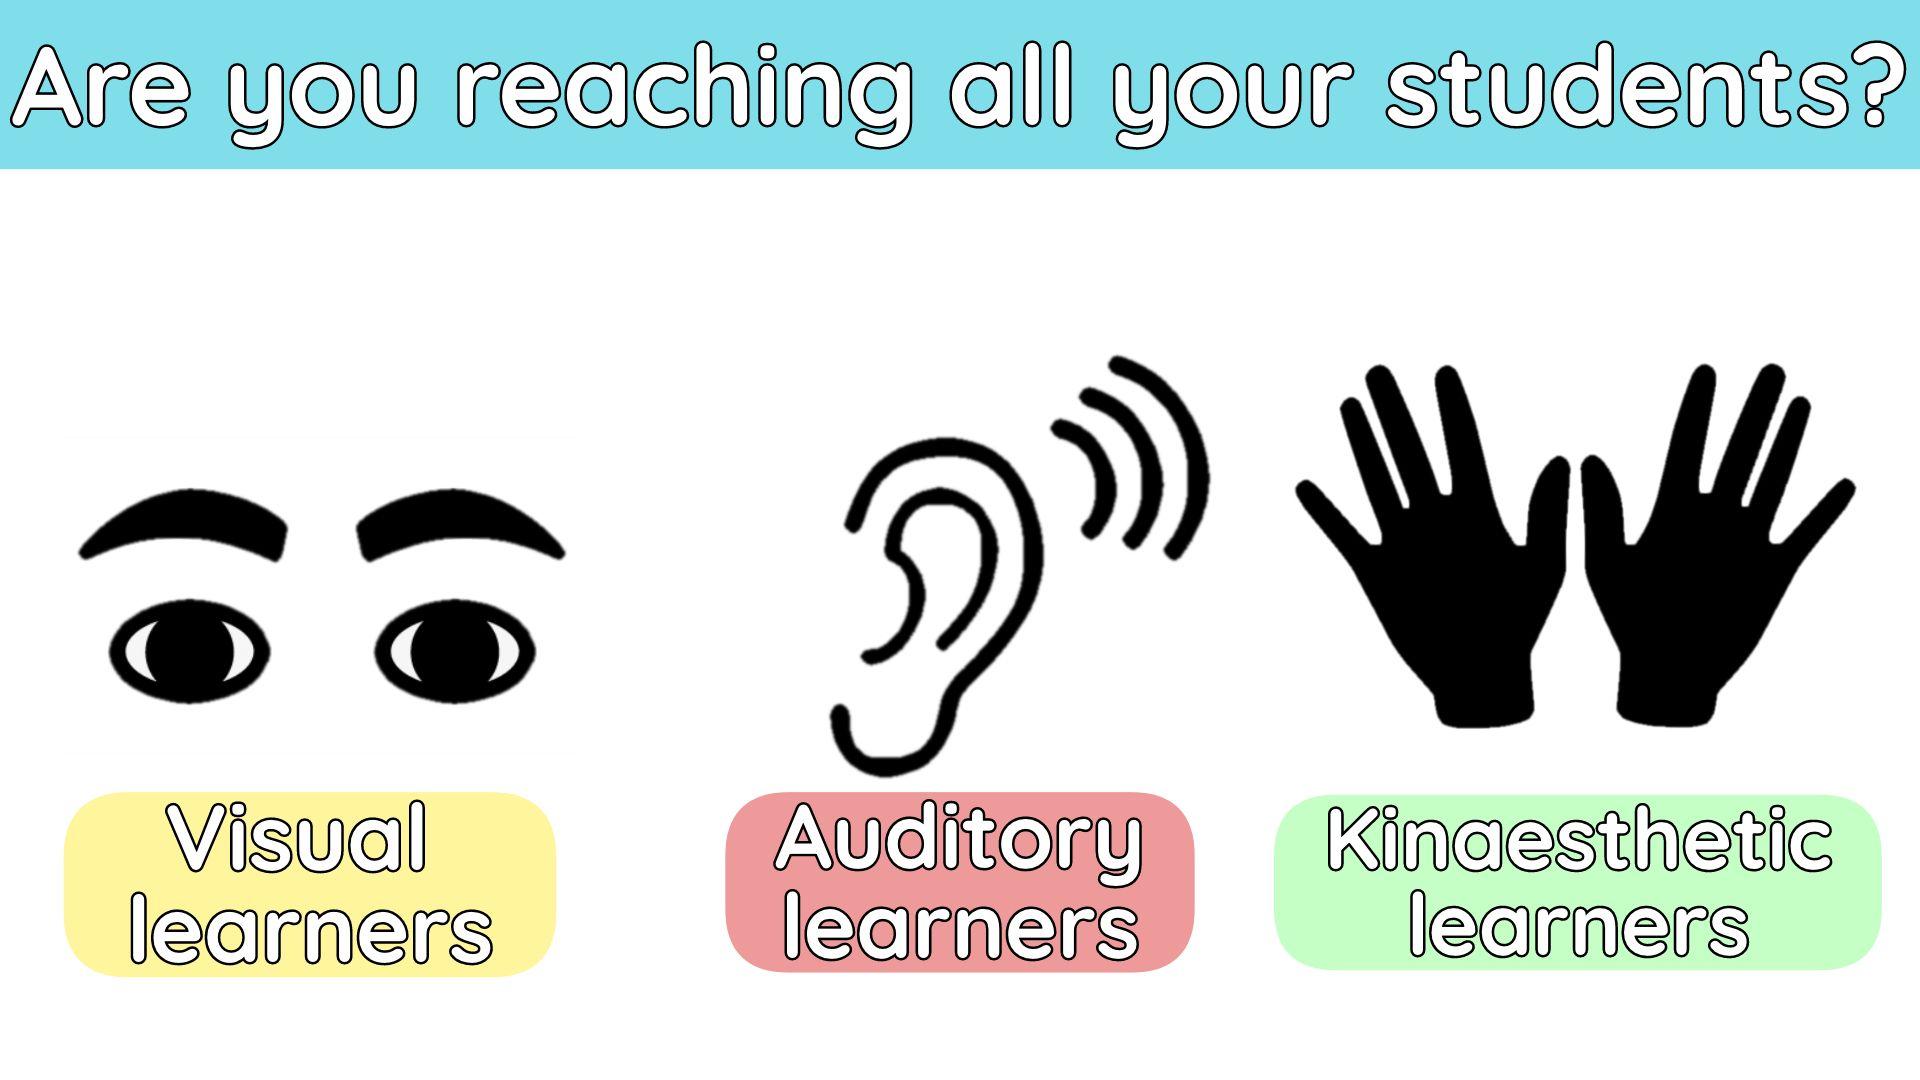 Eine Infografik, die die drei Arten von Lernenden beleuchtet.